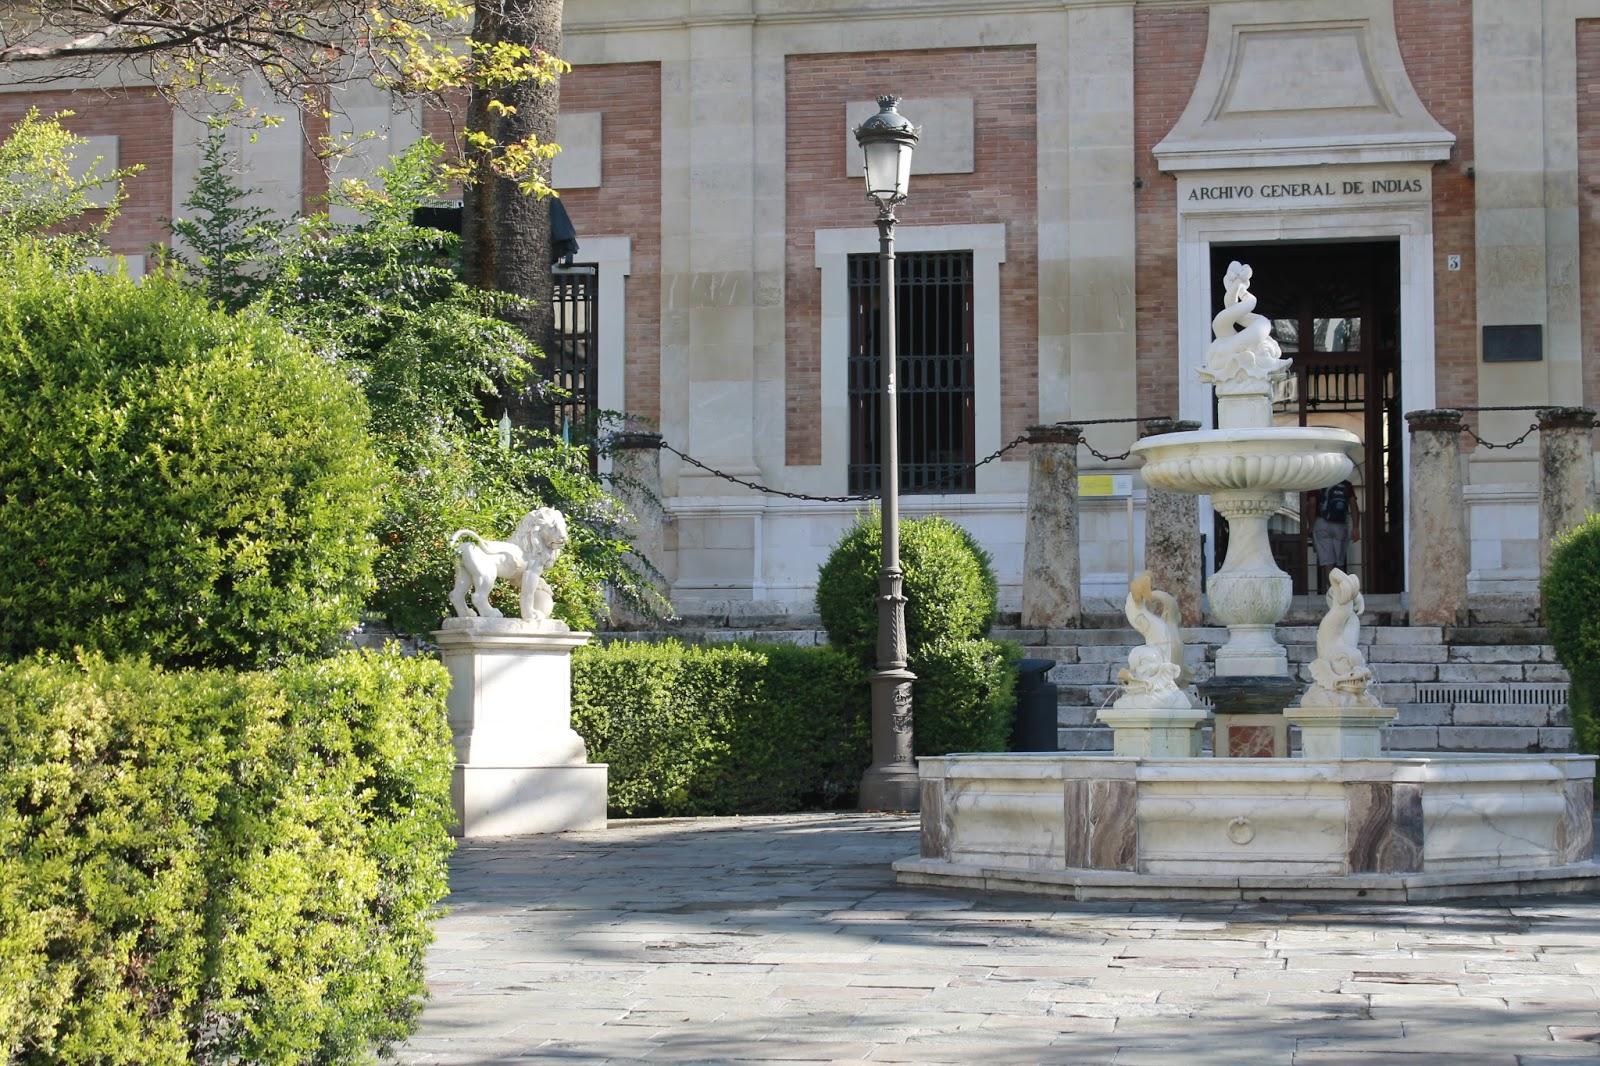 curiosa Sevilla: Archivo General de Indias. II